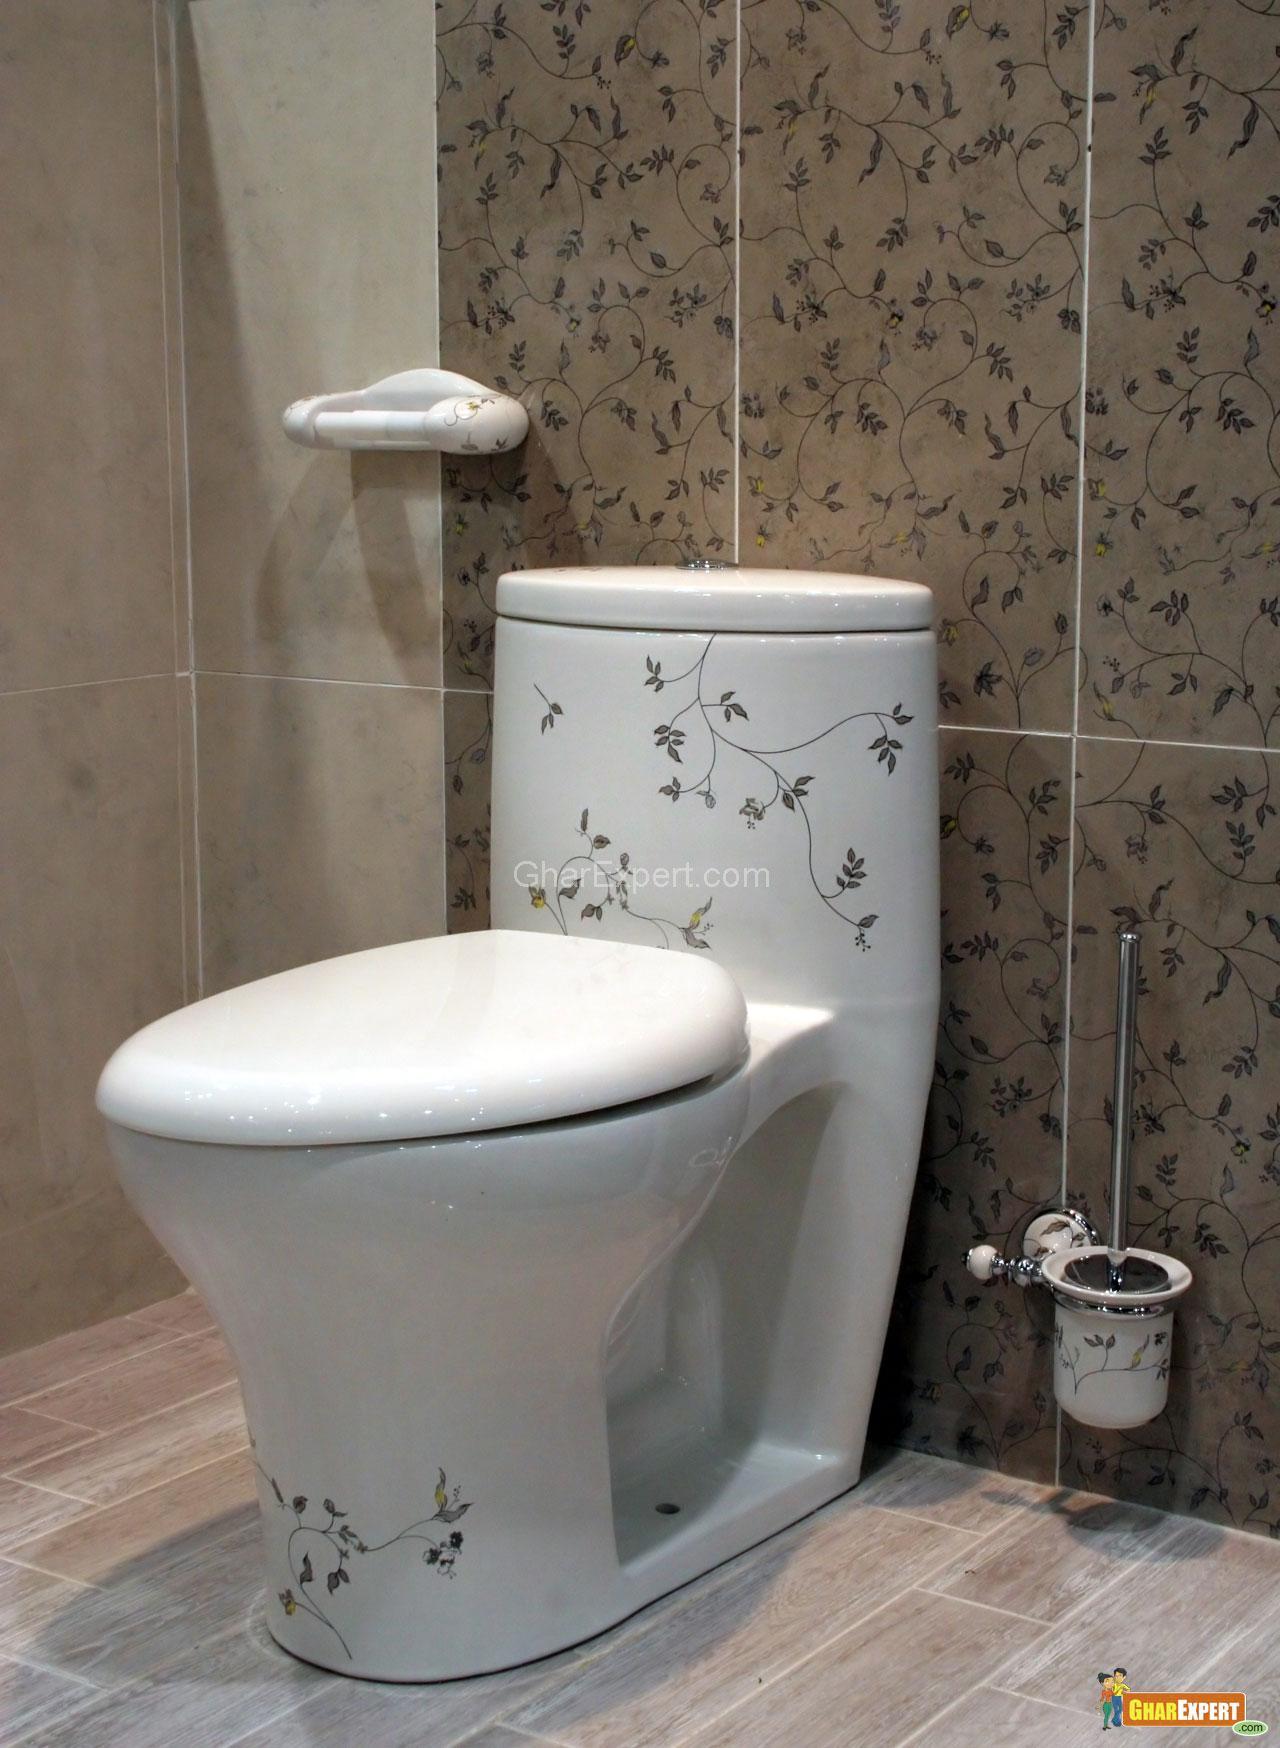 Bathroom pot